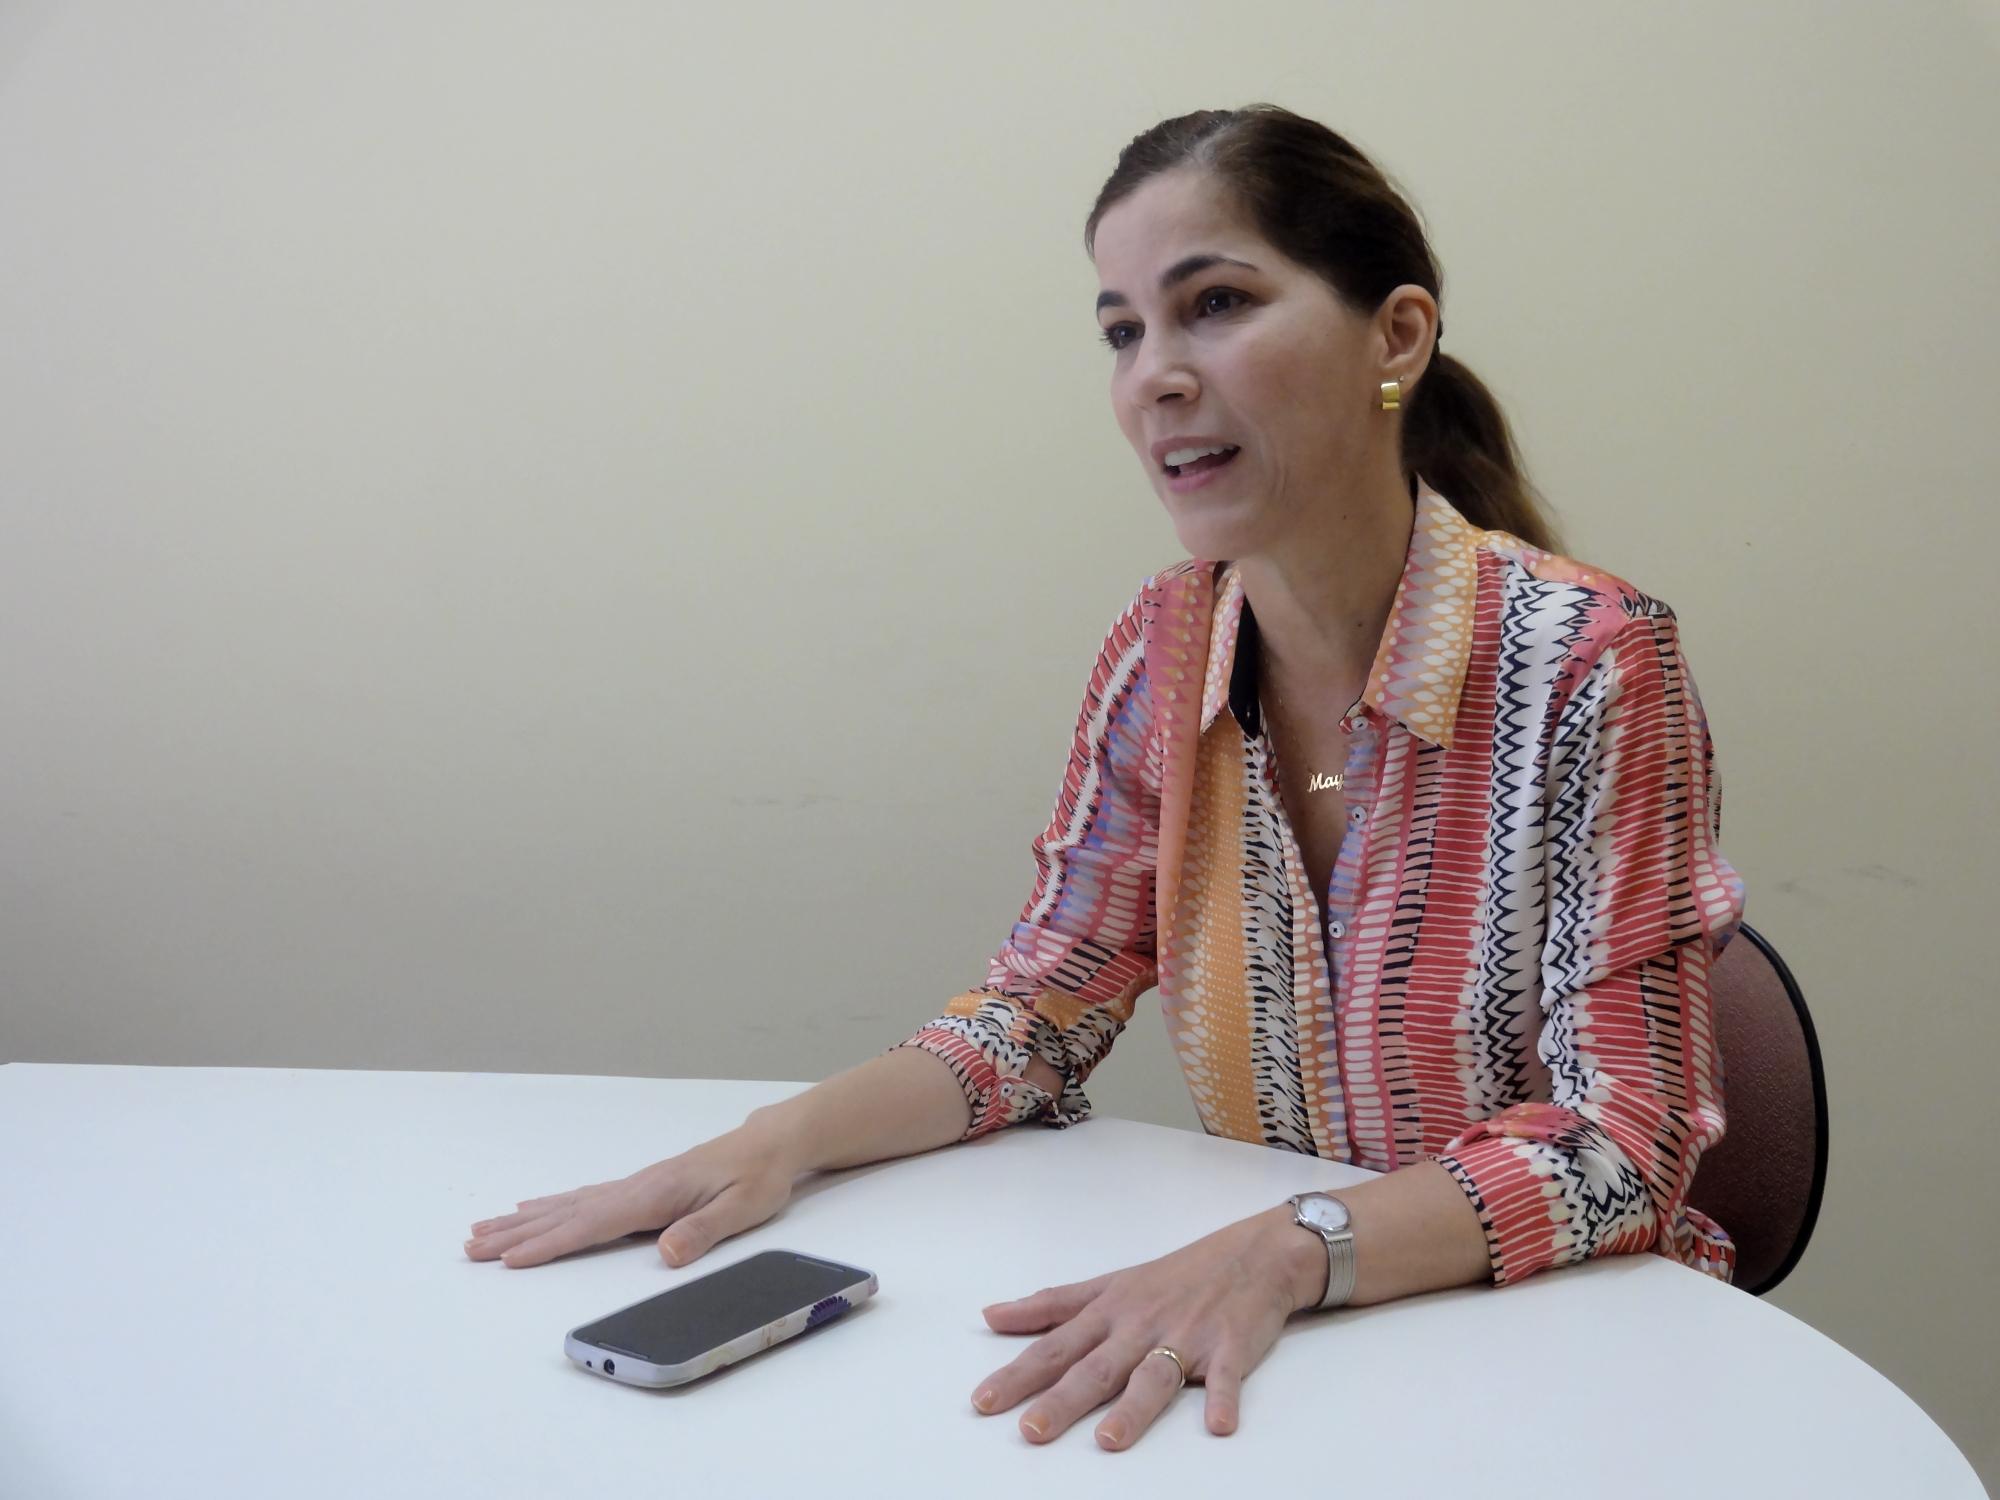 Mayra conversou com Tribuna do Ceará sobre temas polêmicos como aborto e o programa Mais Médicos (FOTO: Tribuna do Ceará)